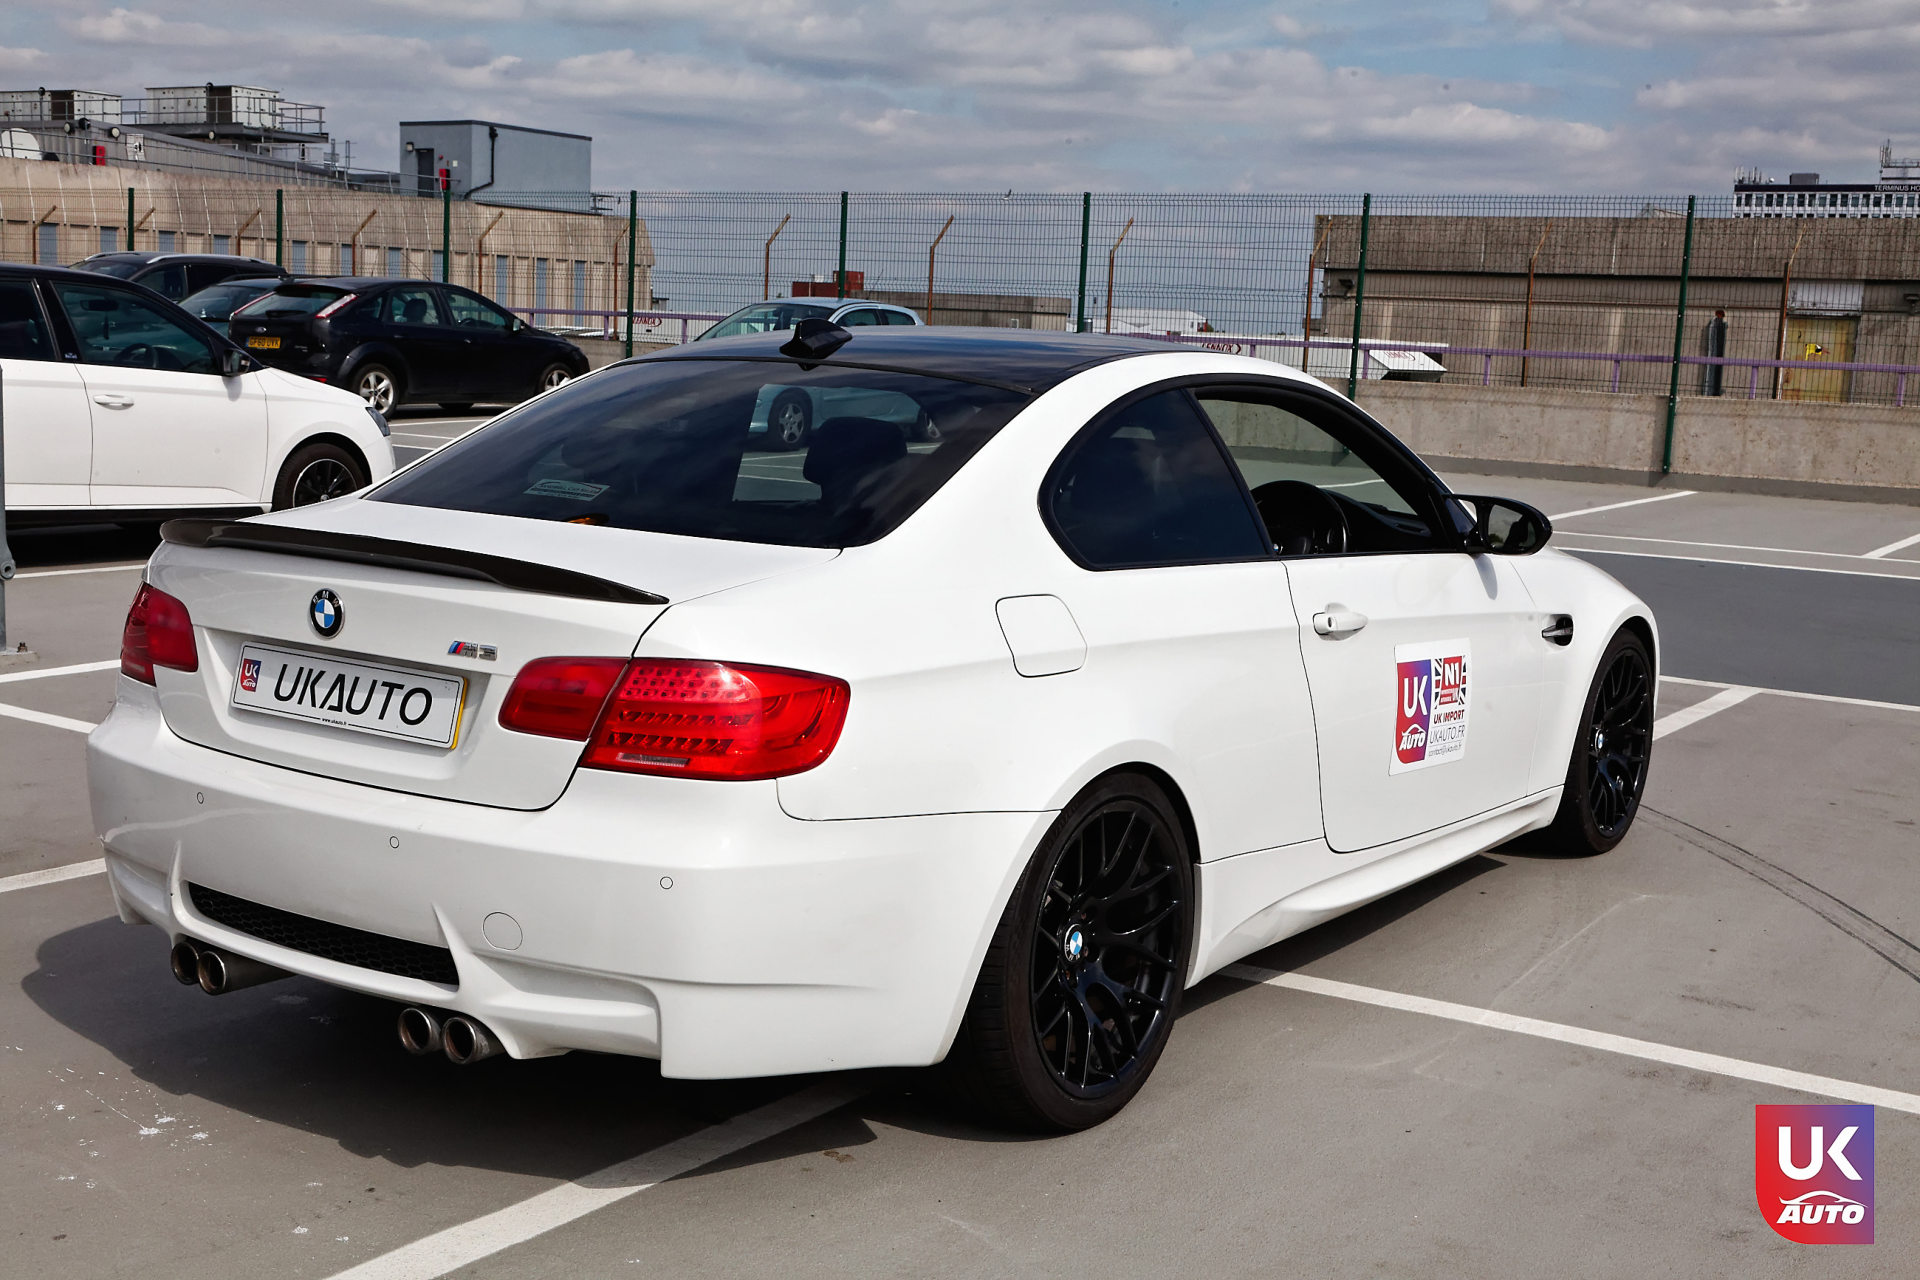 bmw m3 e92 v8 pack competition importateur bmw uk bmw angleterre m3 import uk ukauto mandataire9 DxO - IMPORTATION BMW M3 COMPETITION E92 V8 LEBONCOIN ANGLETERRE IMPORT UKAUTO FELICITATION A AUGUSTE CLIENT UKAUTO